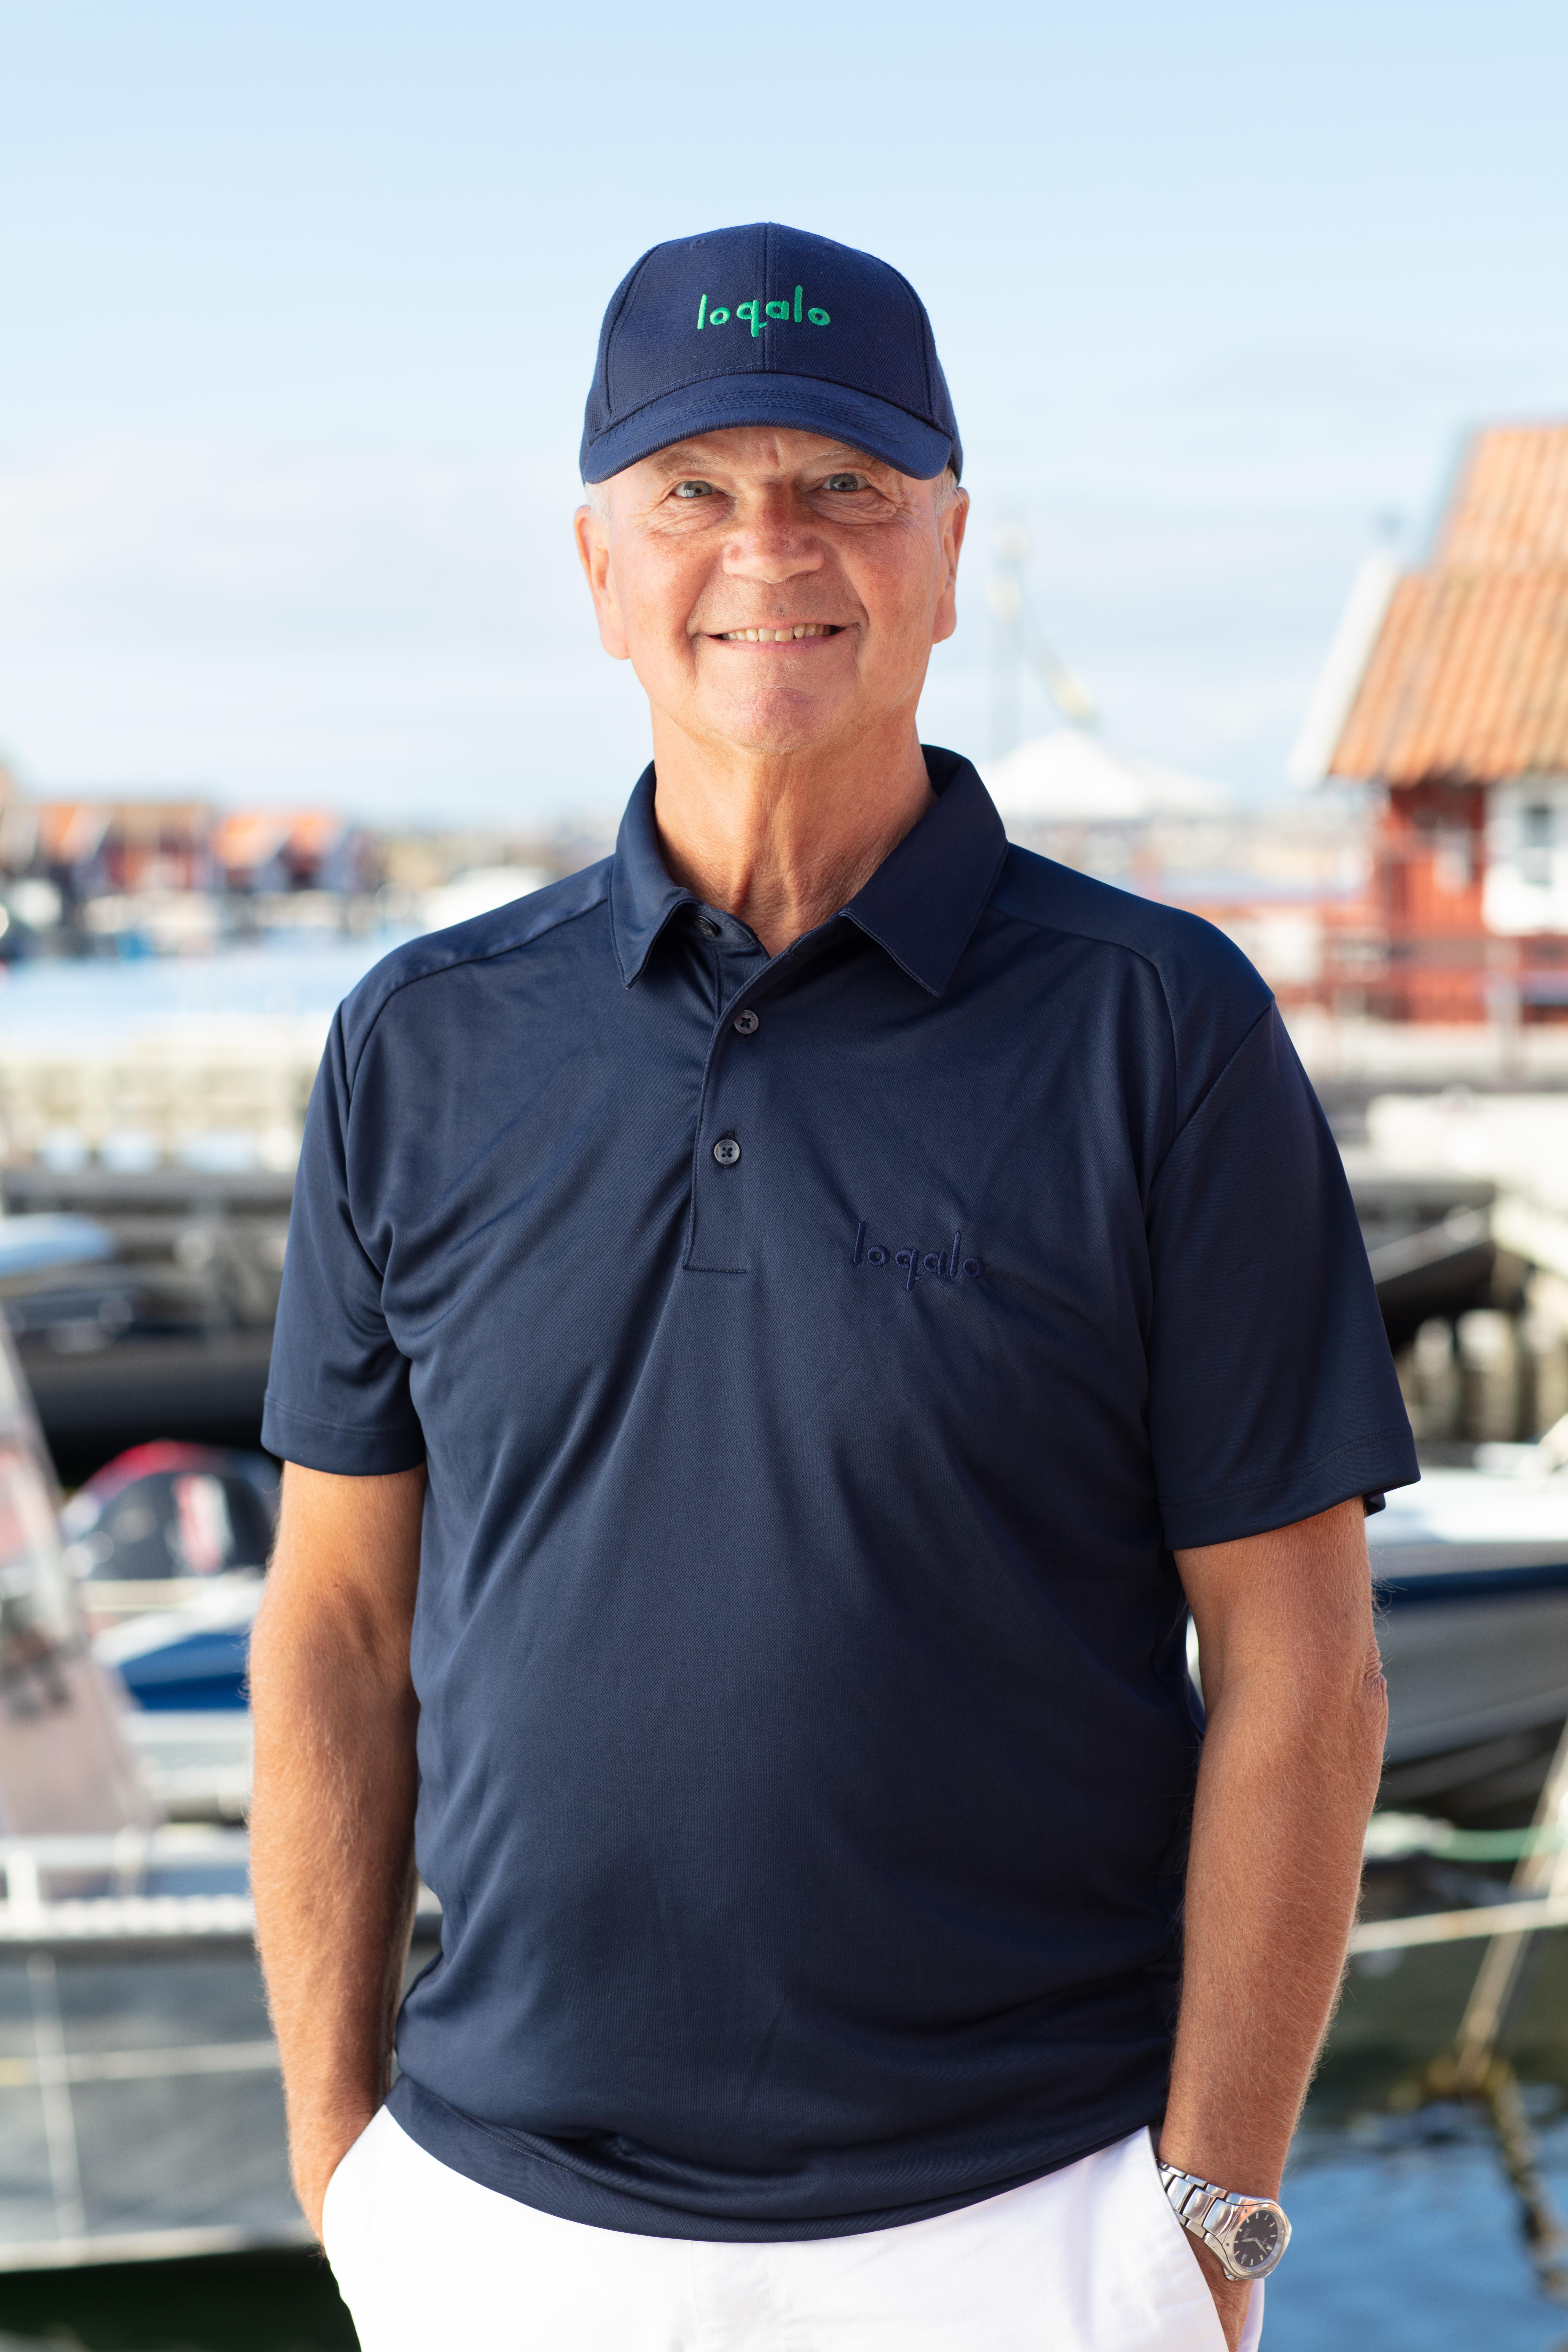 Nils Åke Rydqvist